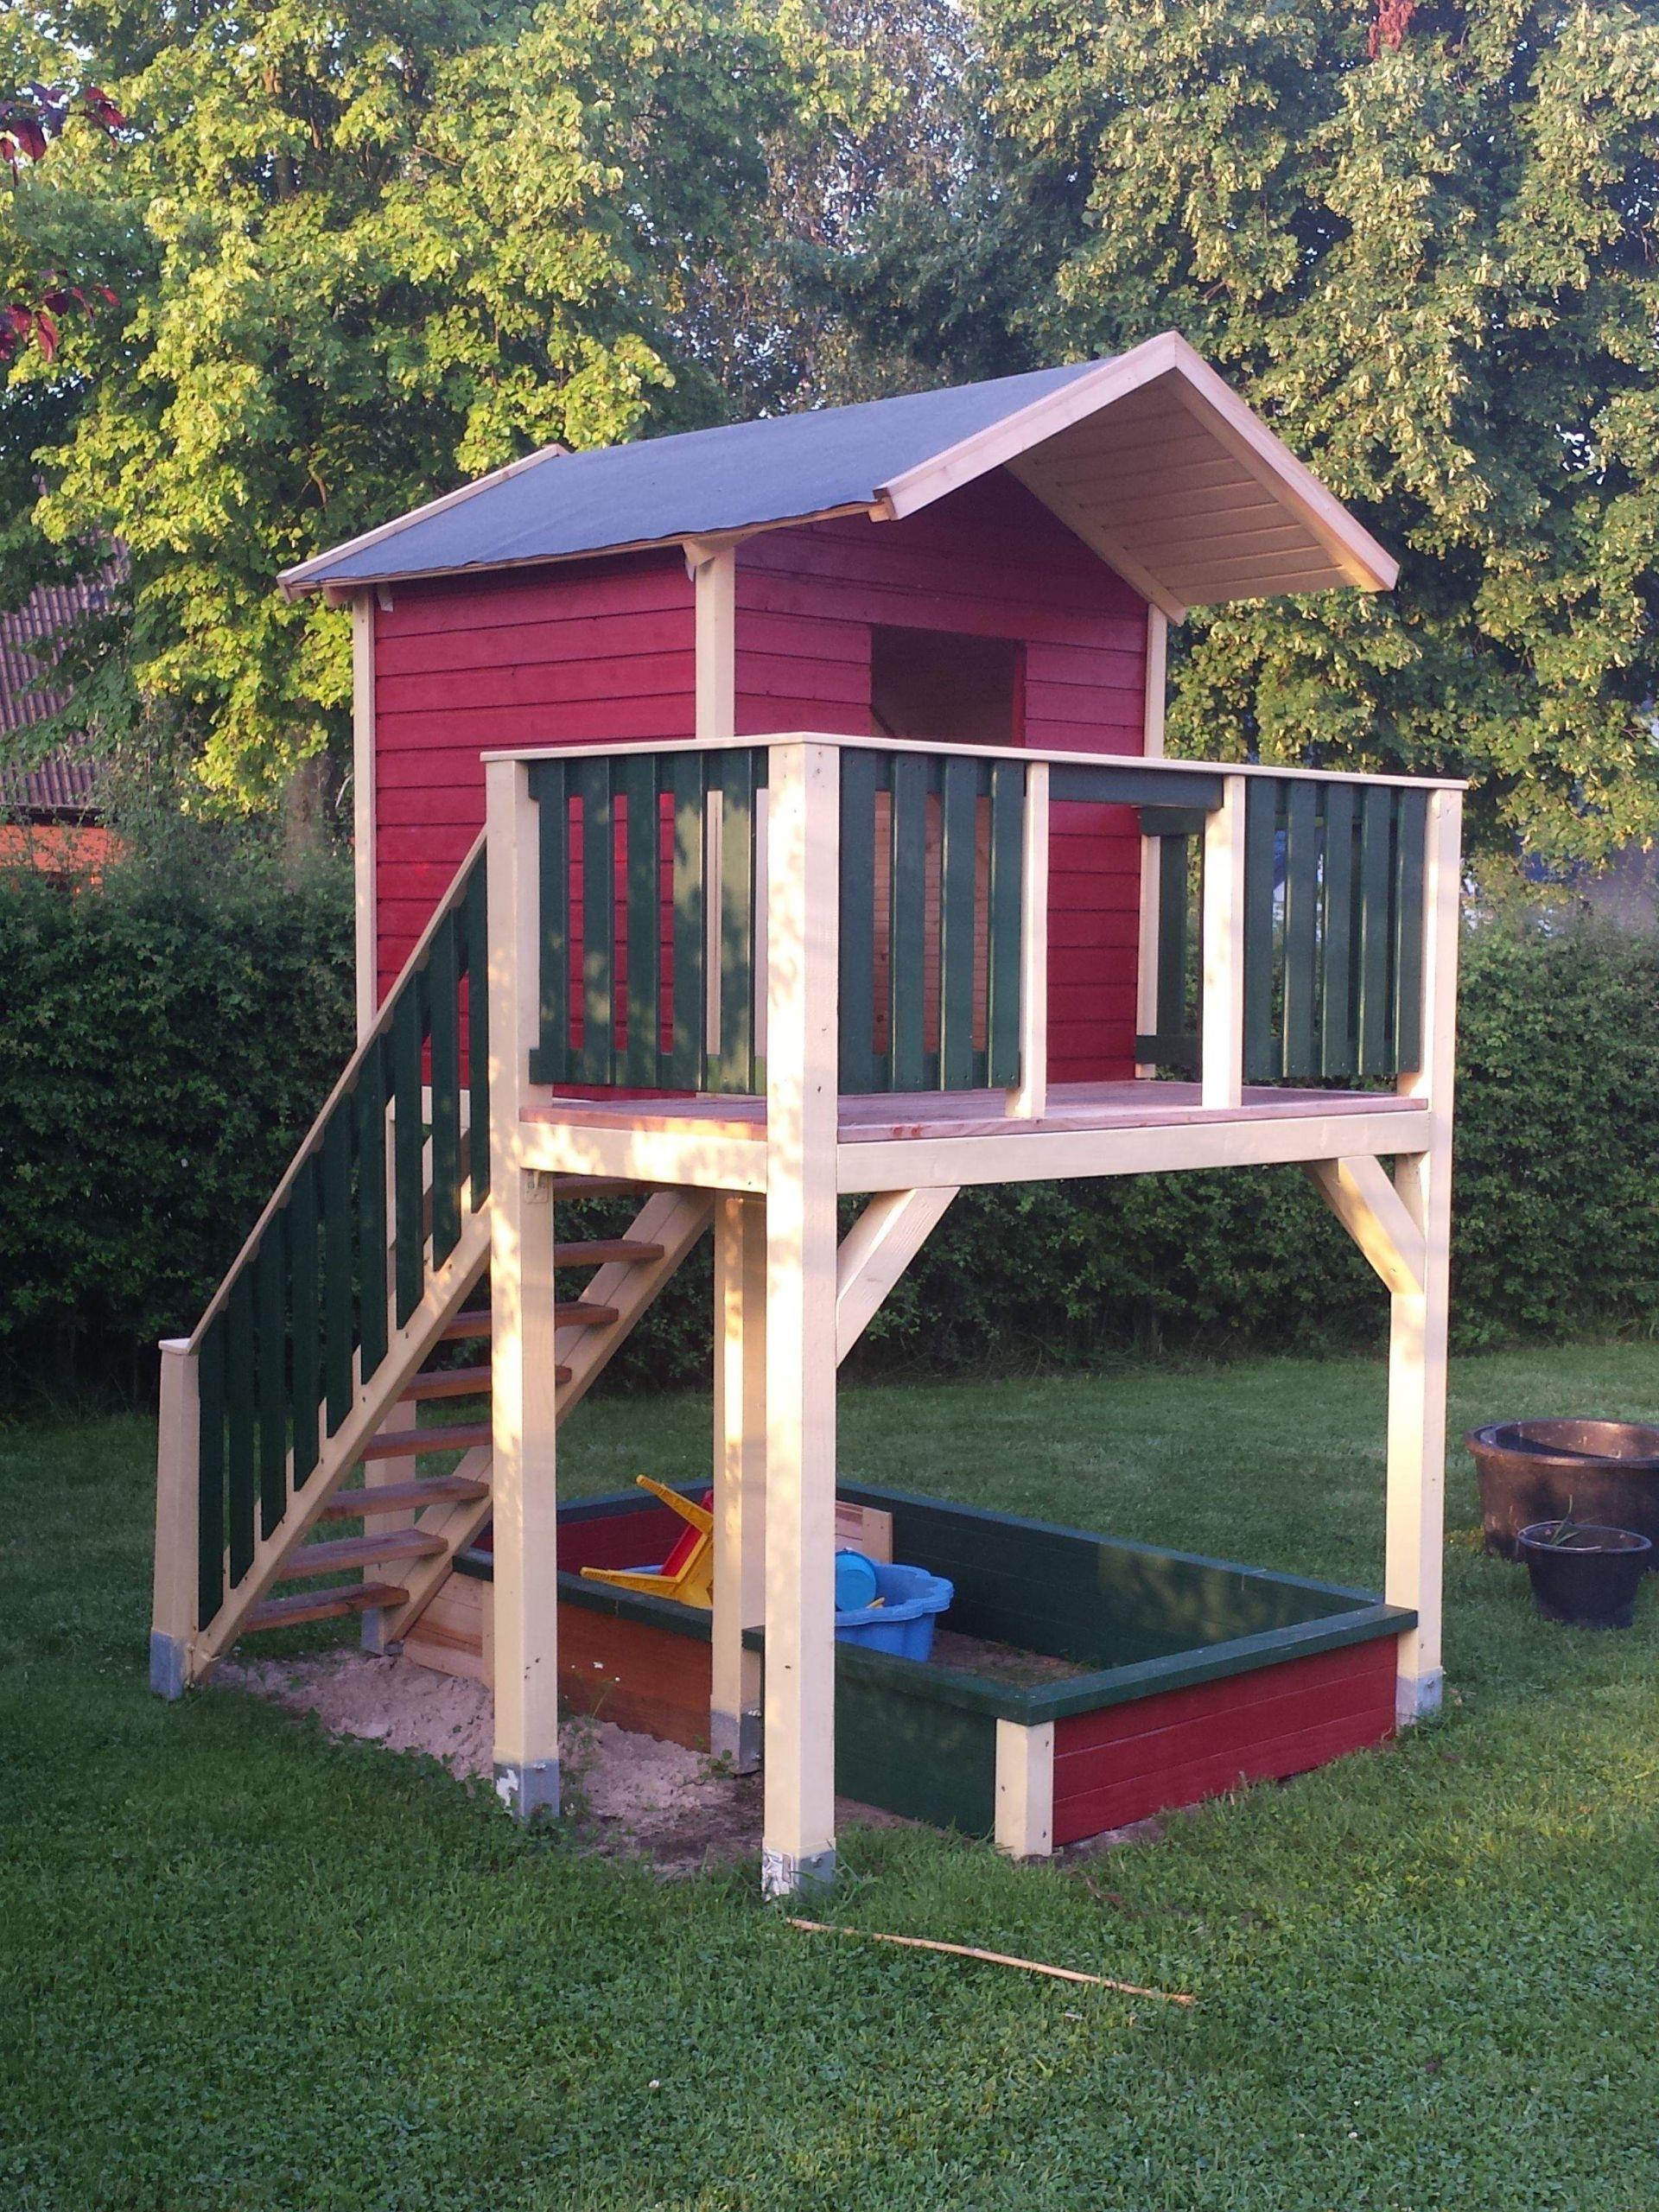 Kinder Garten Spielhaus Neu Spielturm Mit Treppe Bauanleitung Zum Selber Bauen